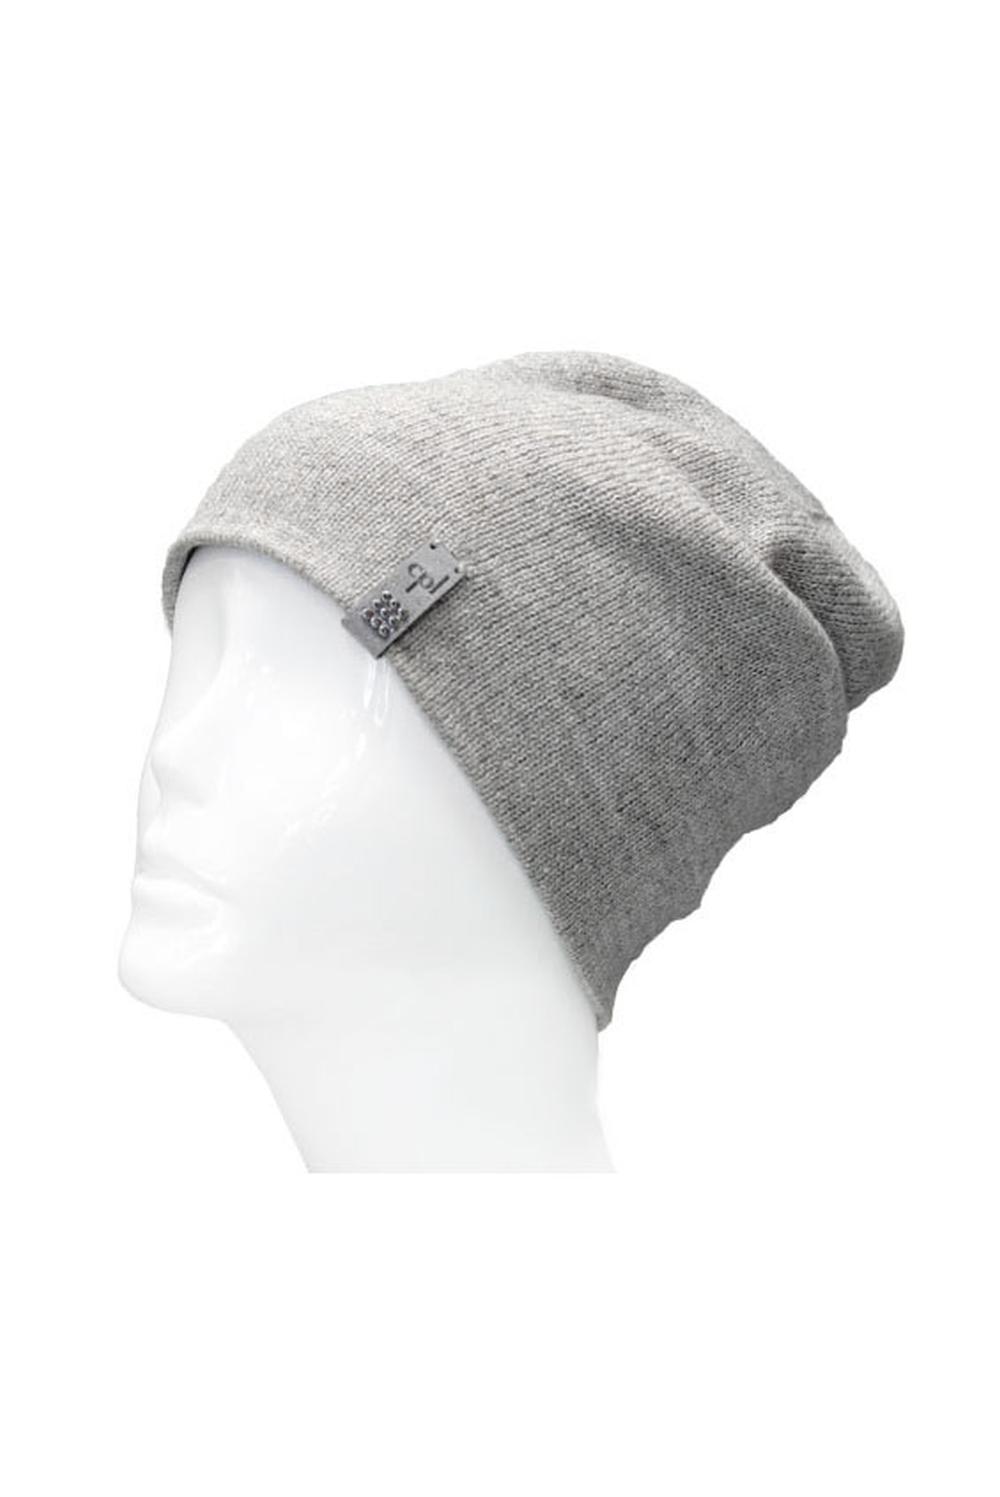 Шапка шапка женская r mountain цвет серый 77 030 05 размер универсальный